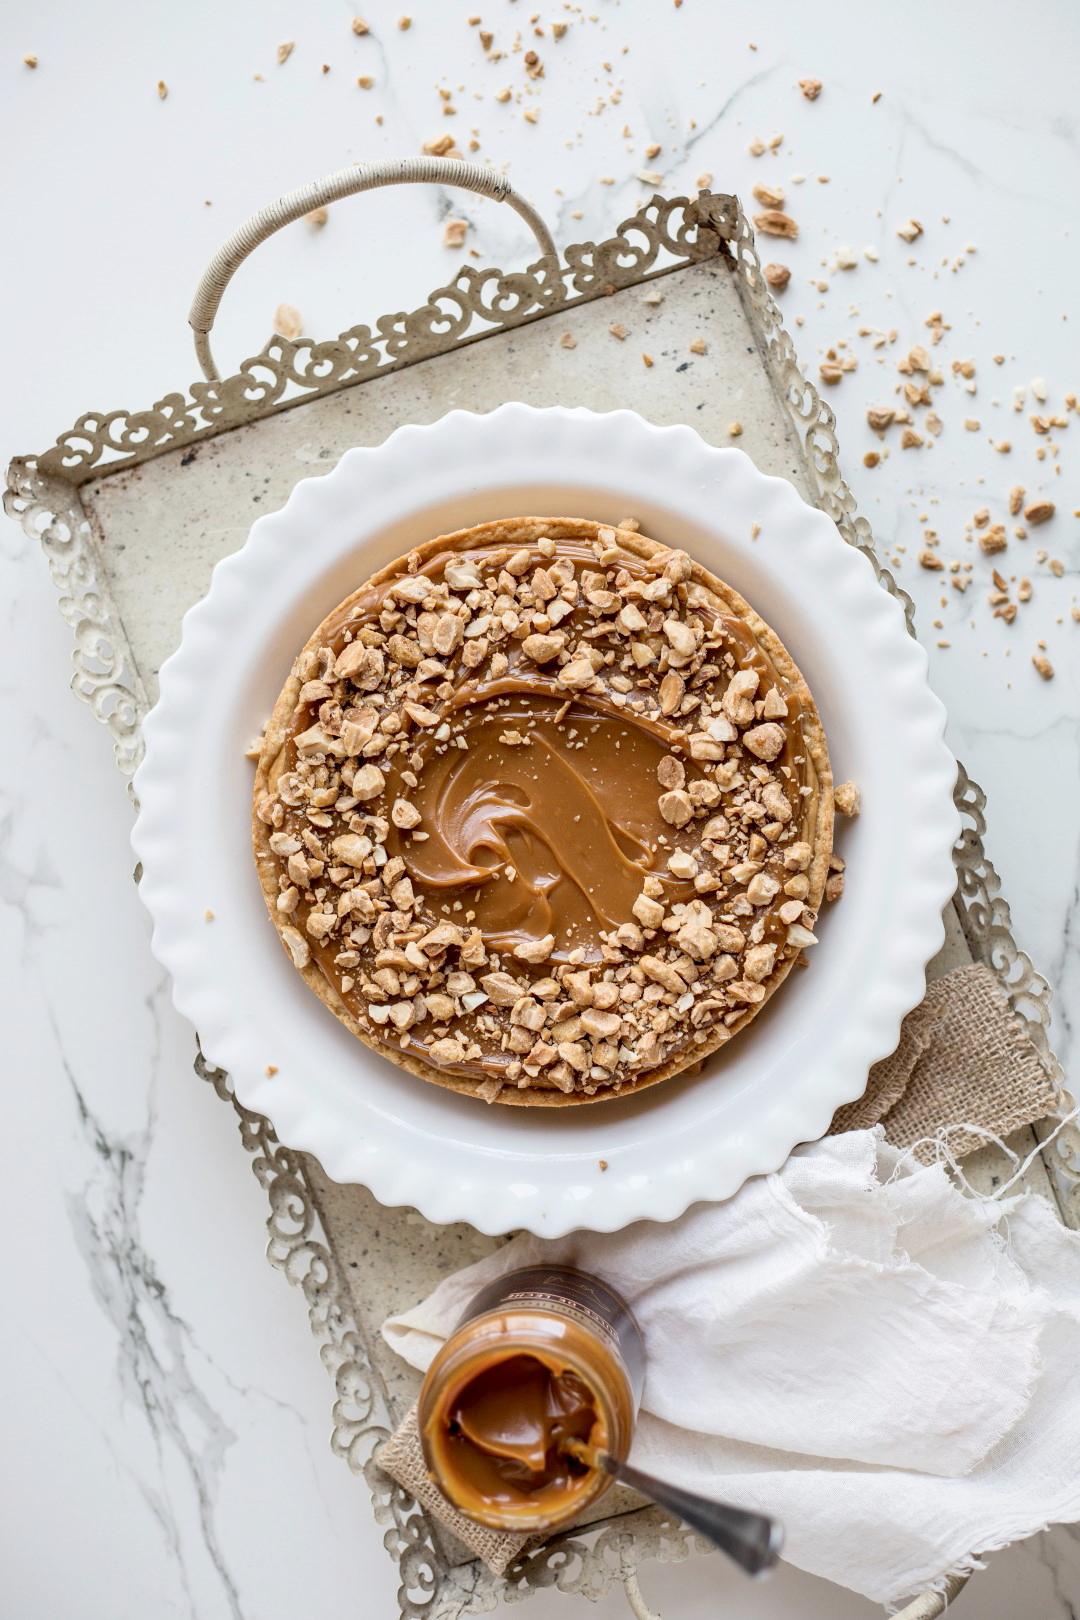 Cheesecake de dulce de leche, receta de postre, postre fácil